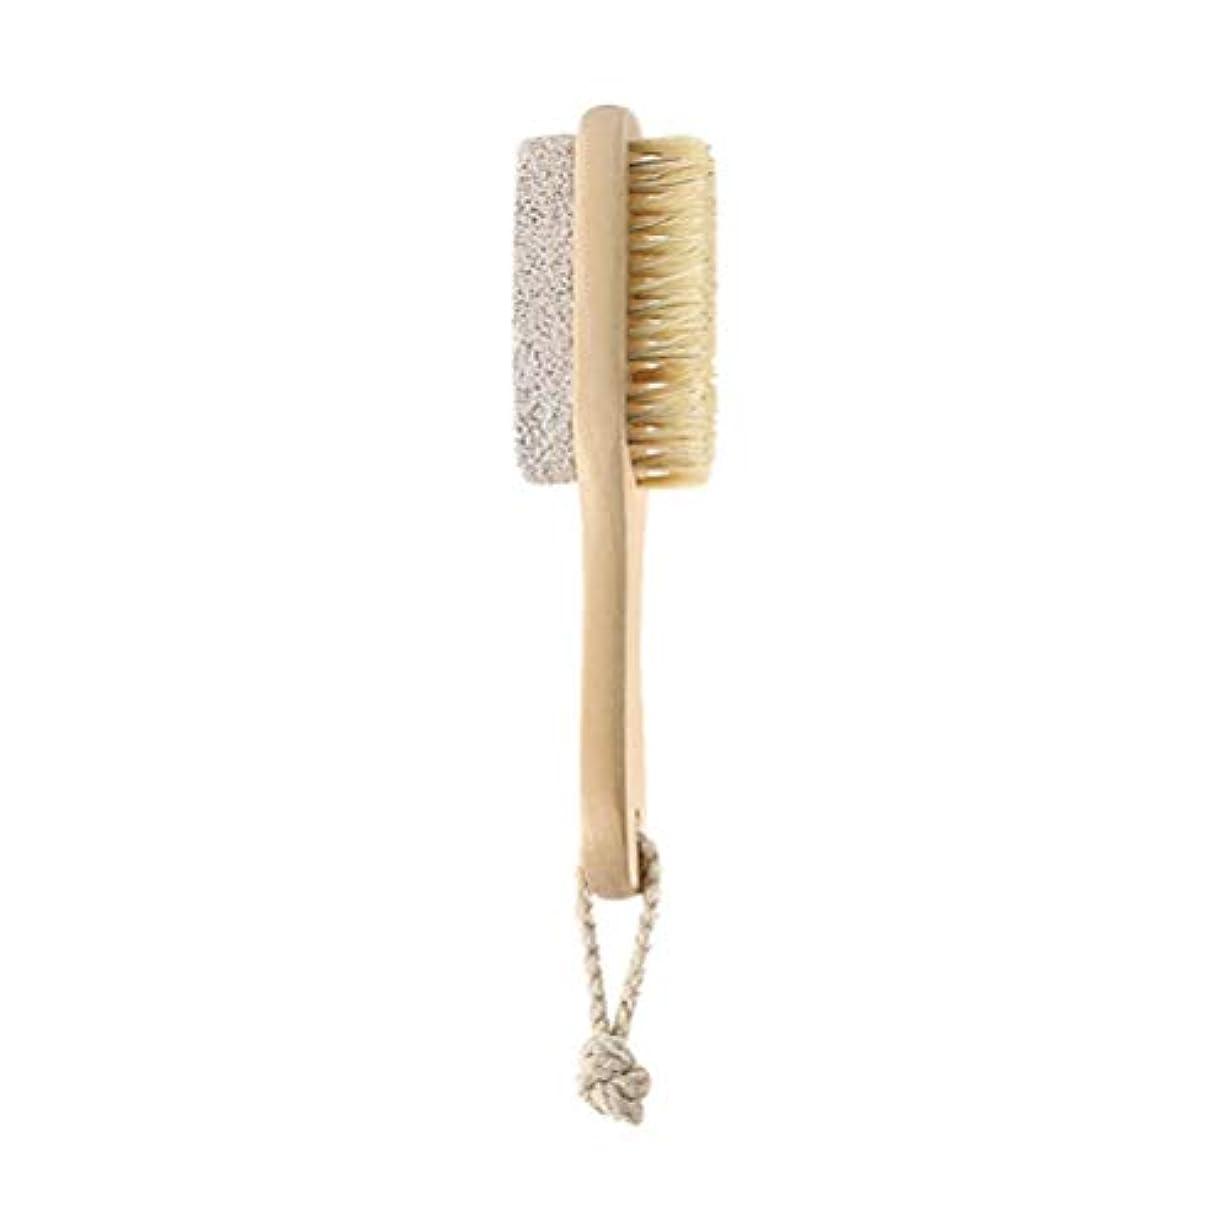 アーチ市場提供HEALIFTY 自然な毛の足のやすりやすりのブラシの軽石の石のカルスの除去剤木製のハンドルが付いている死んだ皮の除去剤